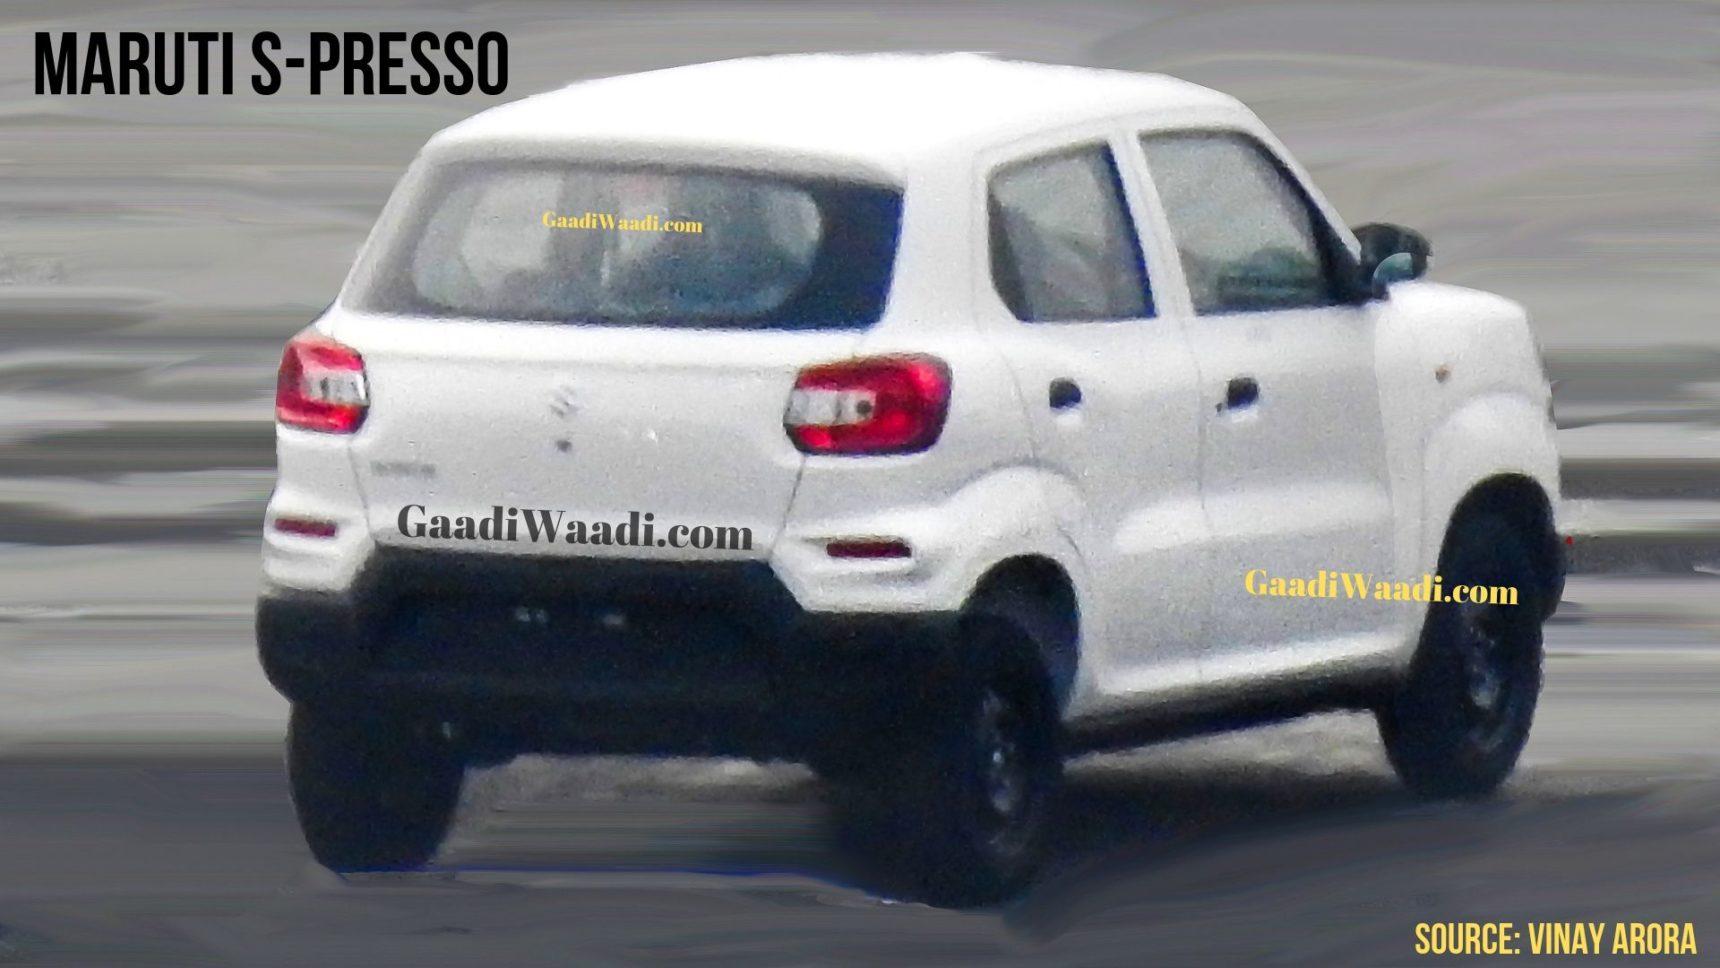 2019 - [Maruti-Suzuki] S-Presso Maruti-s-presso-e1567842075147